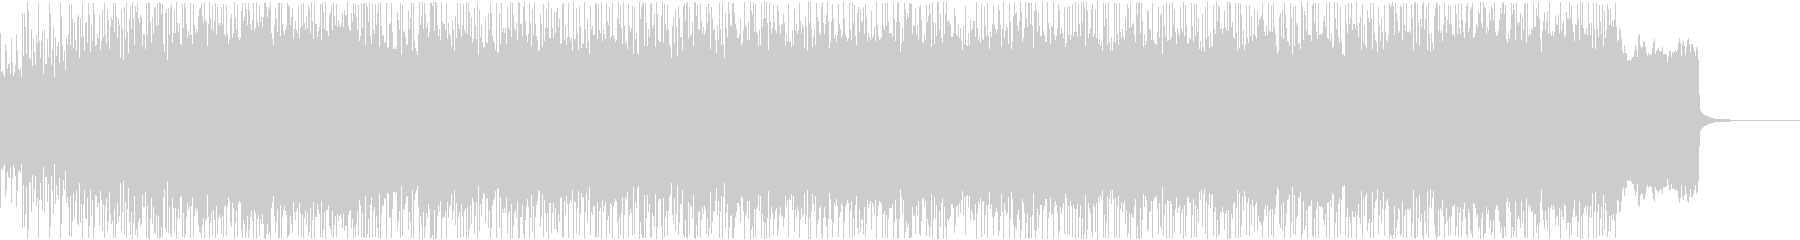 古楽器使用のノリノリパンクロック系BGMの未再生の波形